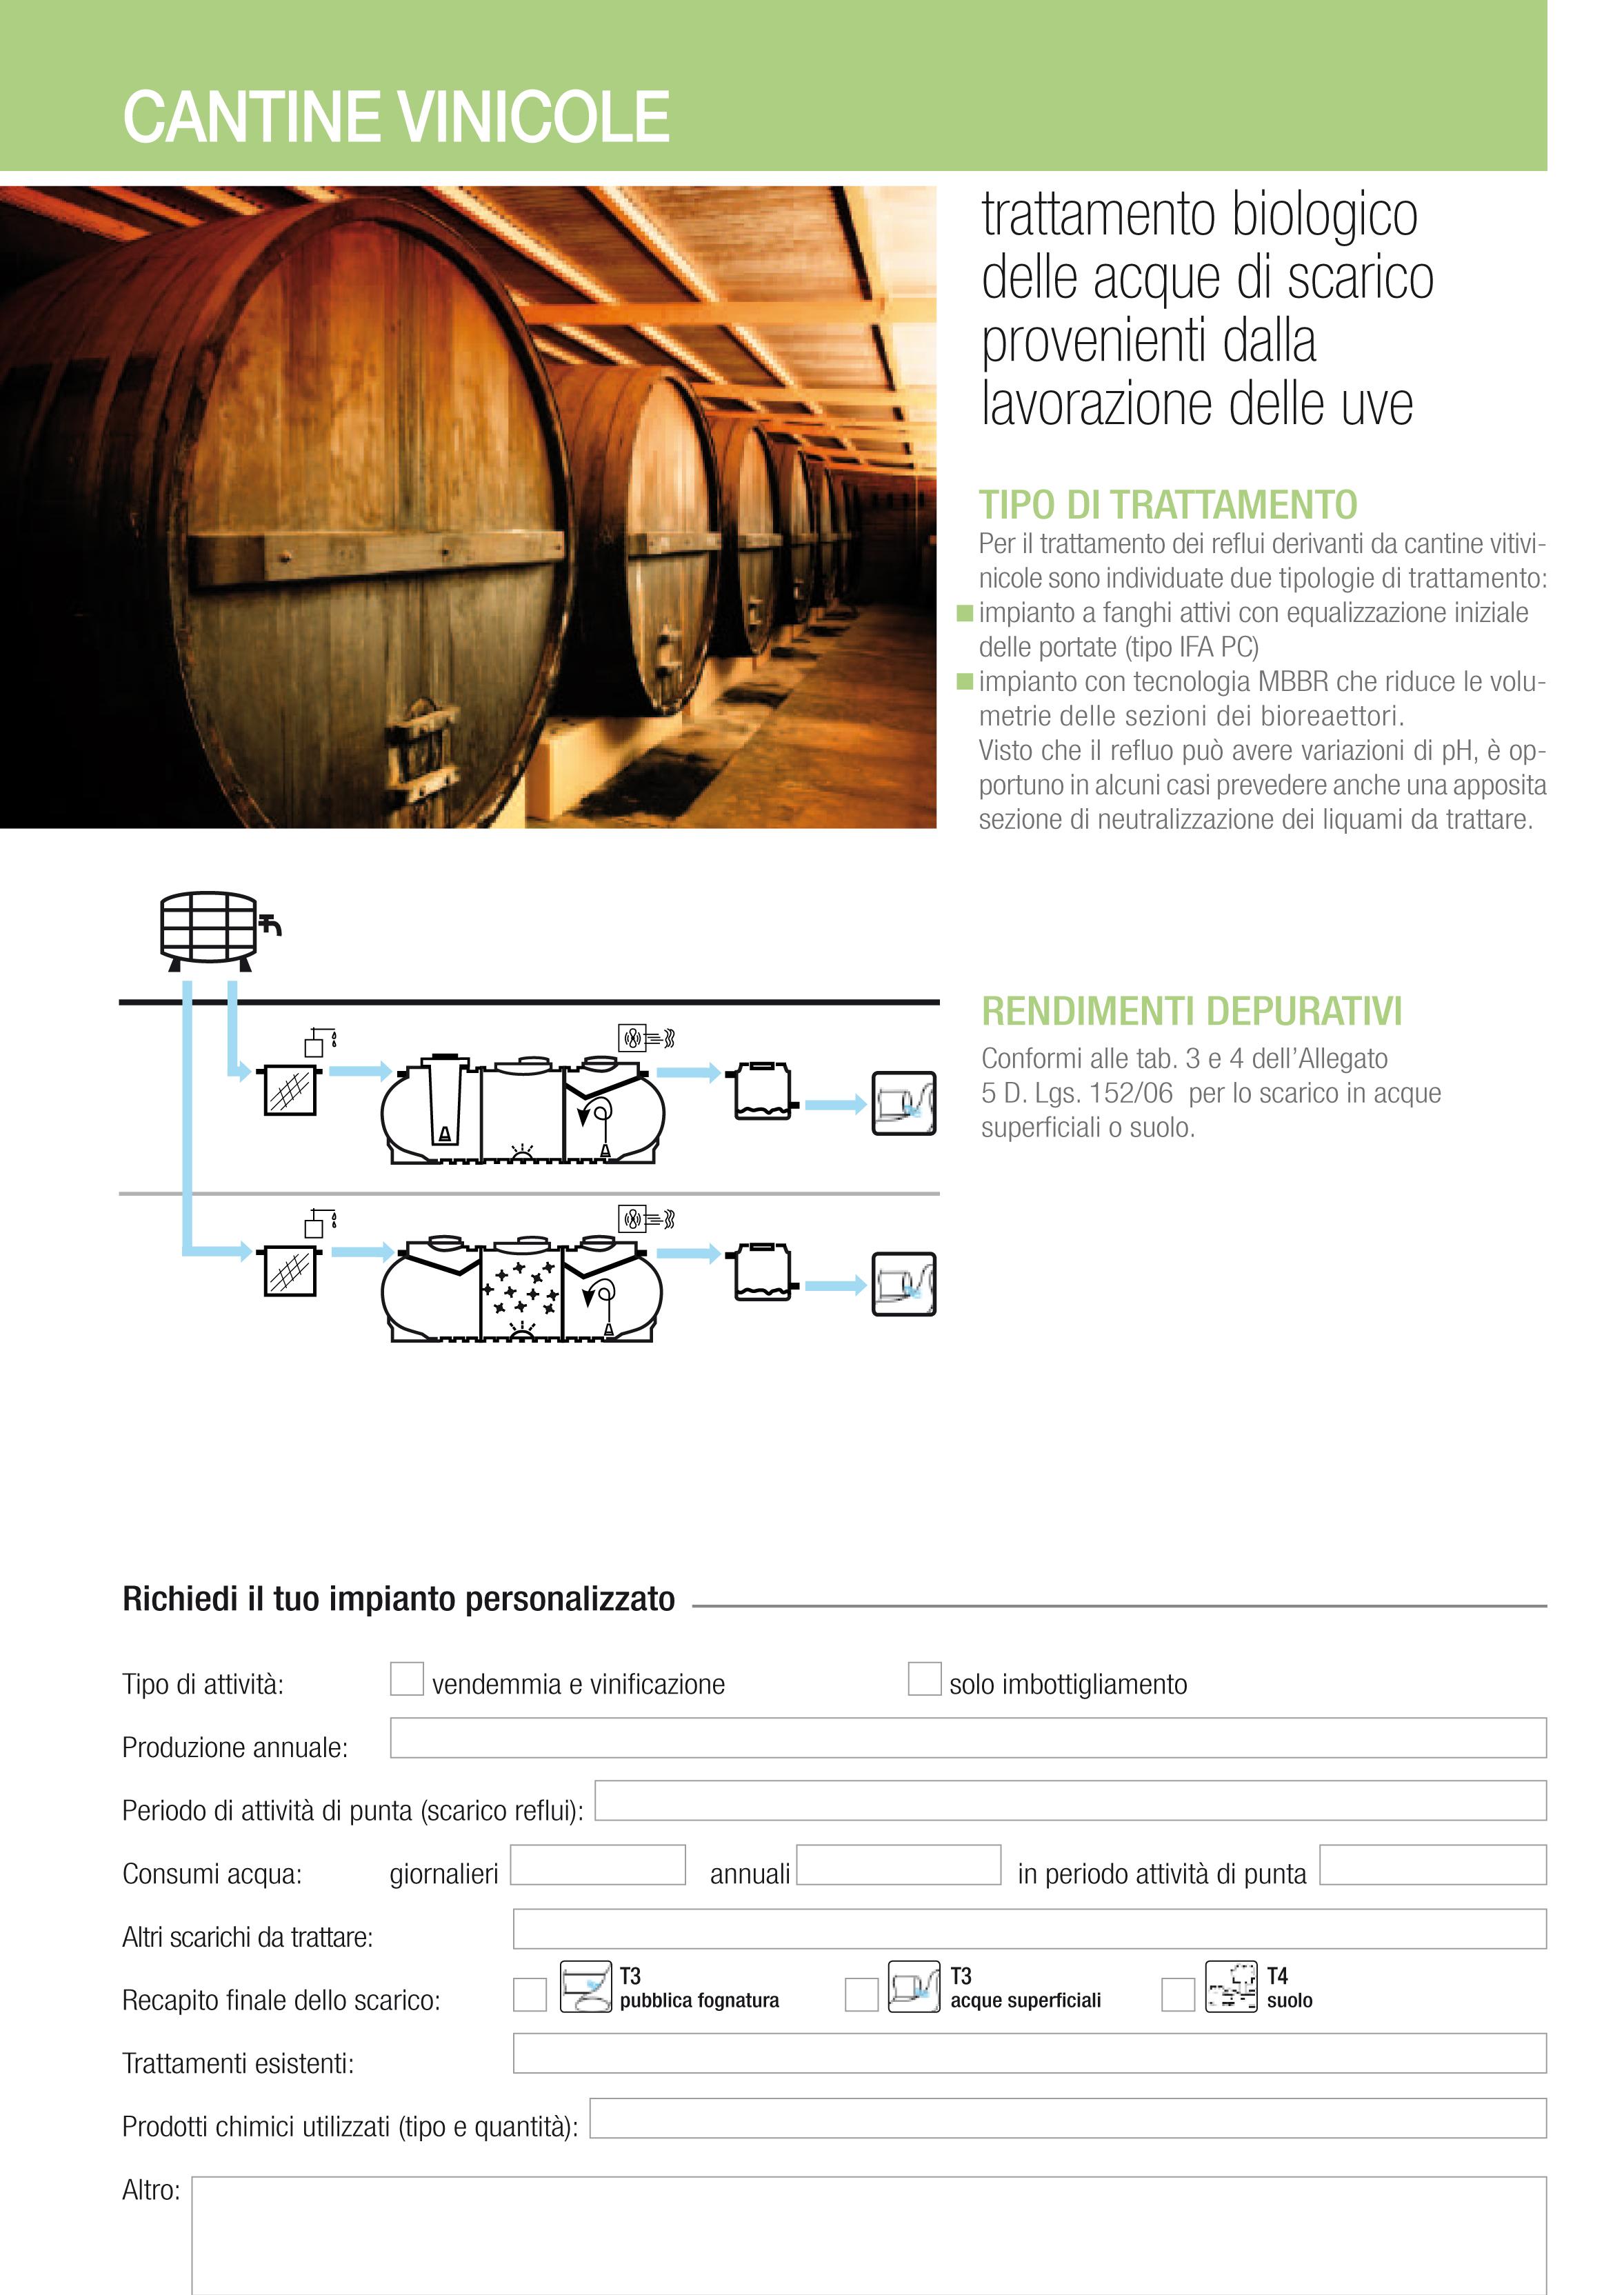 cantine vinivole